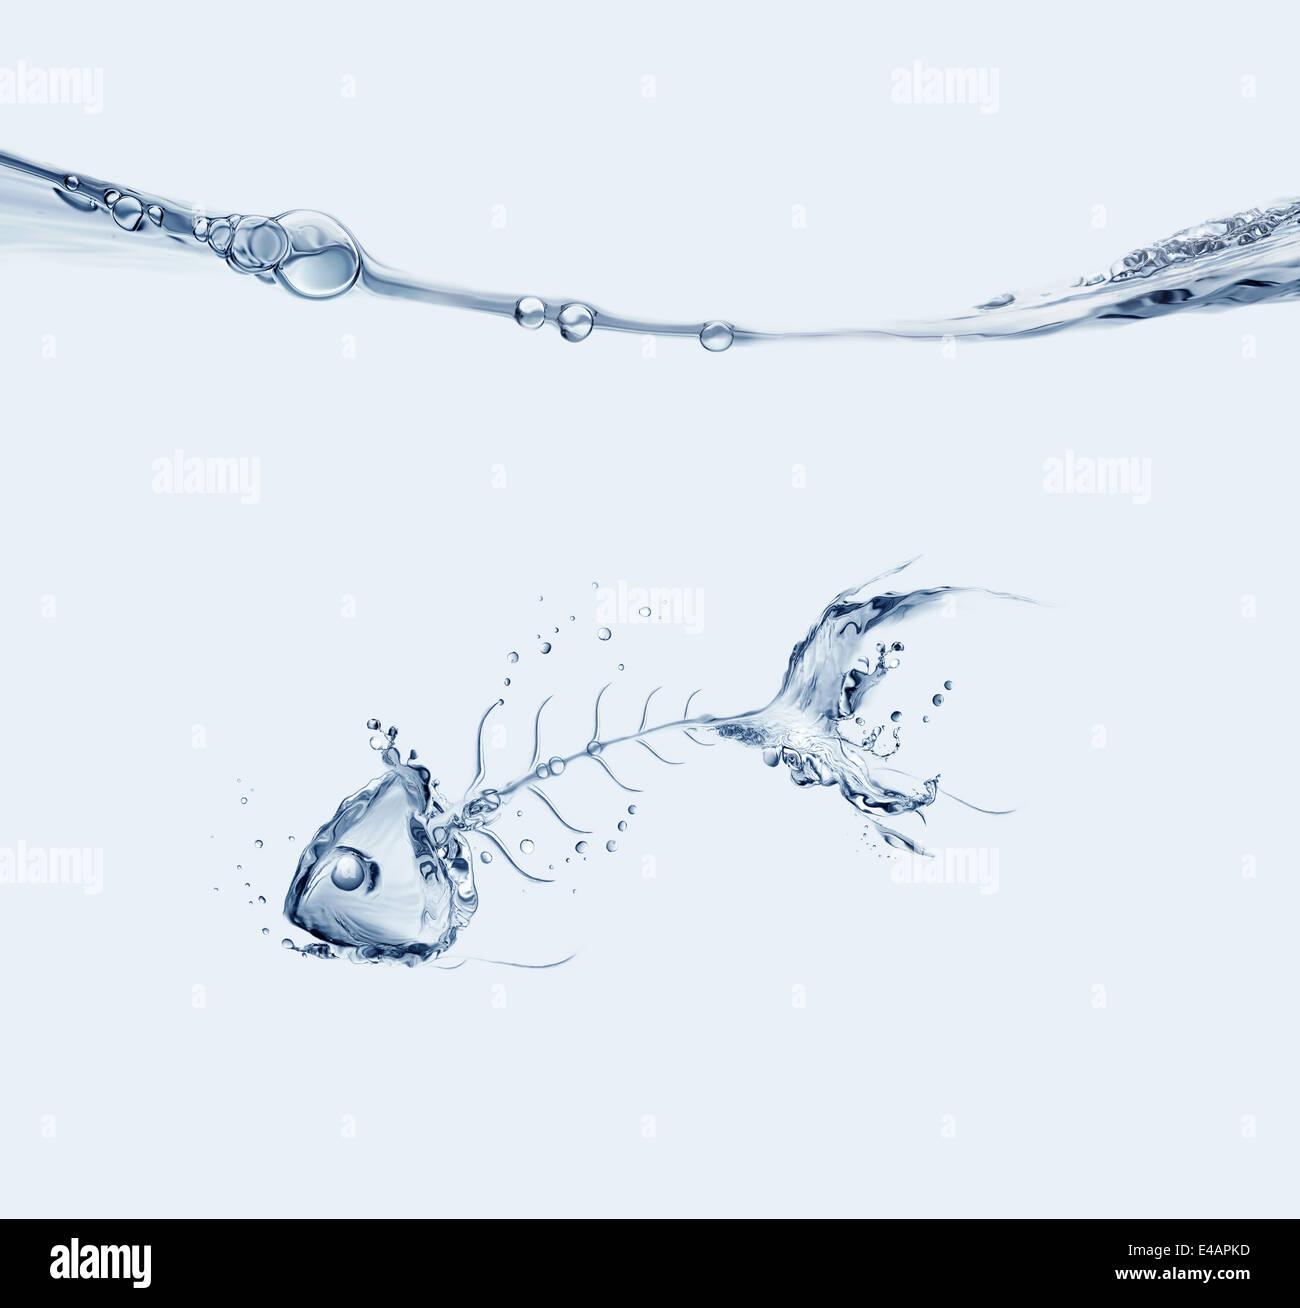 Ein Wasser-Fishbone im Wasser zu versinken. Stockbild